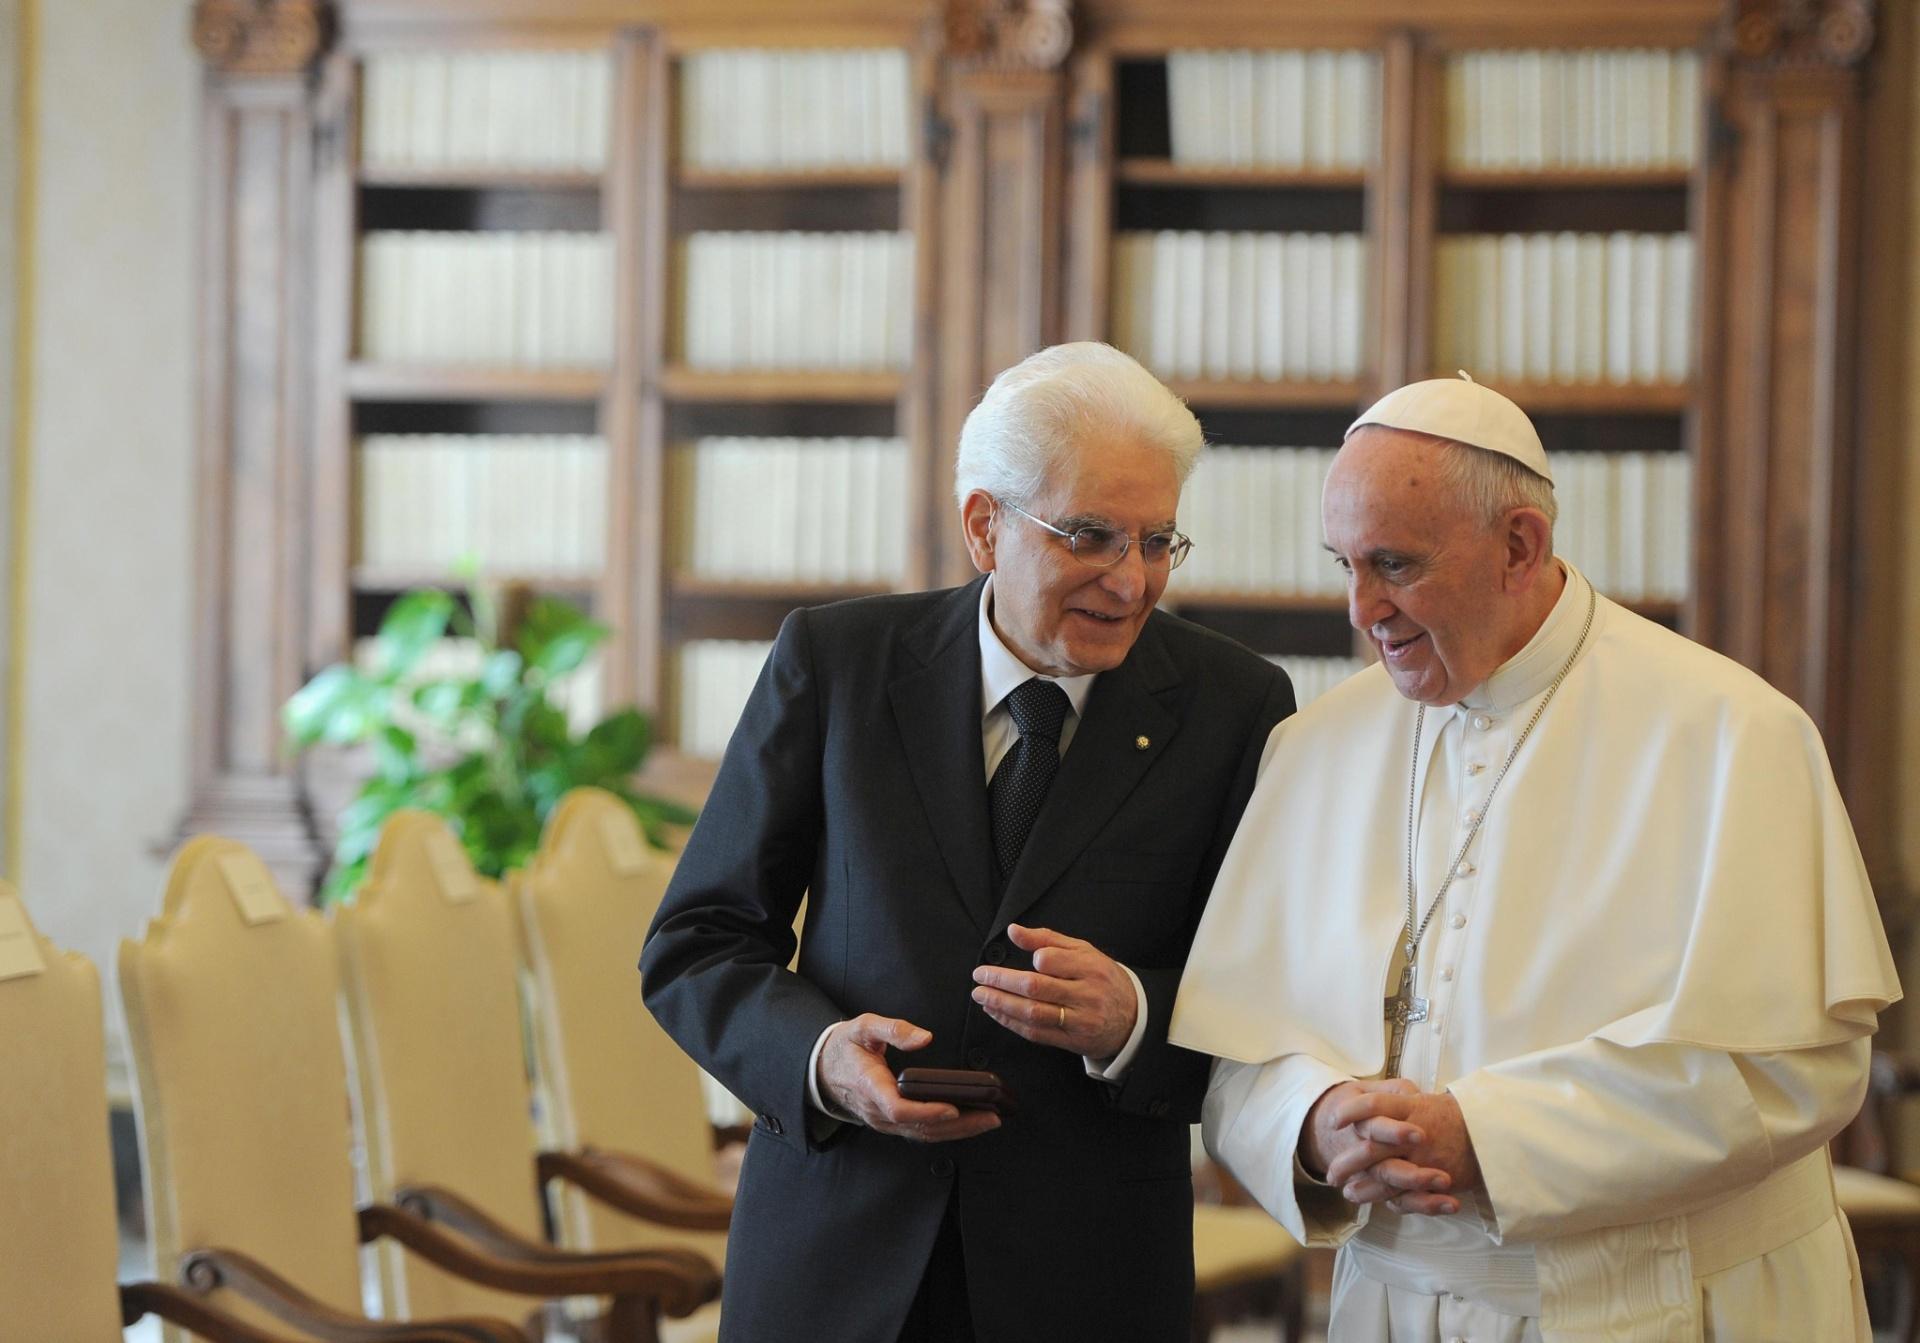 18.abr.2015 - Papa Francisco se reúne com o presidente da Itália, Sergio Mattarella, no Vaticano. Após o encontro, o papa elogiou o esforço da Itália para socorrer e abrigar os refugiados que atravessam o mar Mediterrâneo e pediu à comunidade internacional